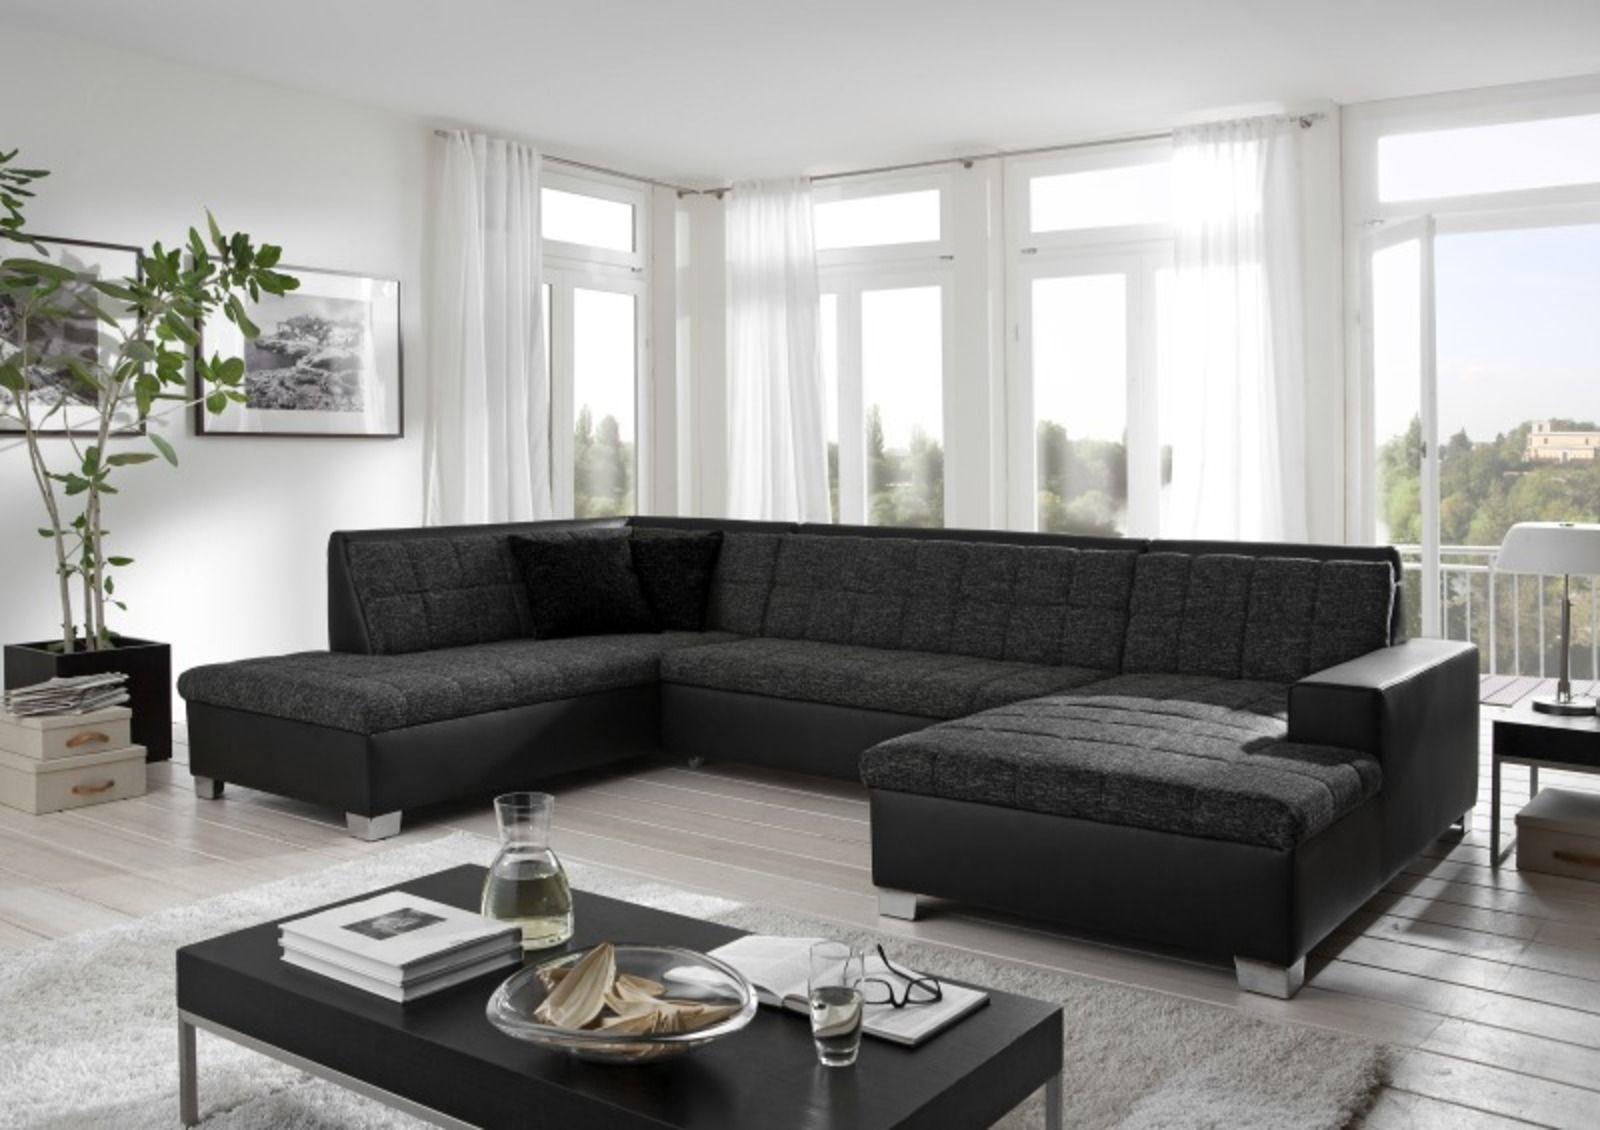 Wohnlandschaft Quadro Wohnzimmer Pinterest Sofa Couch Und